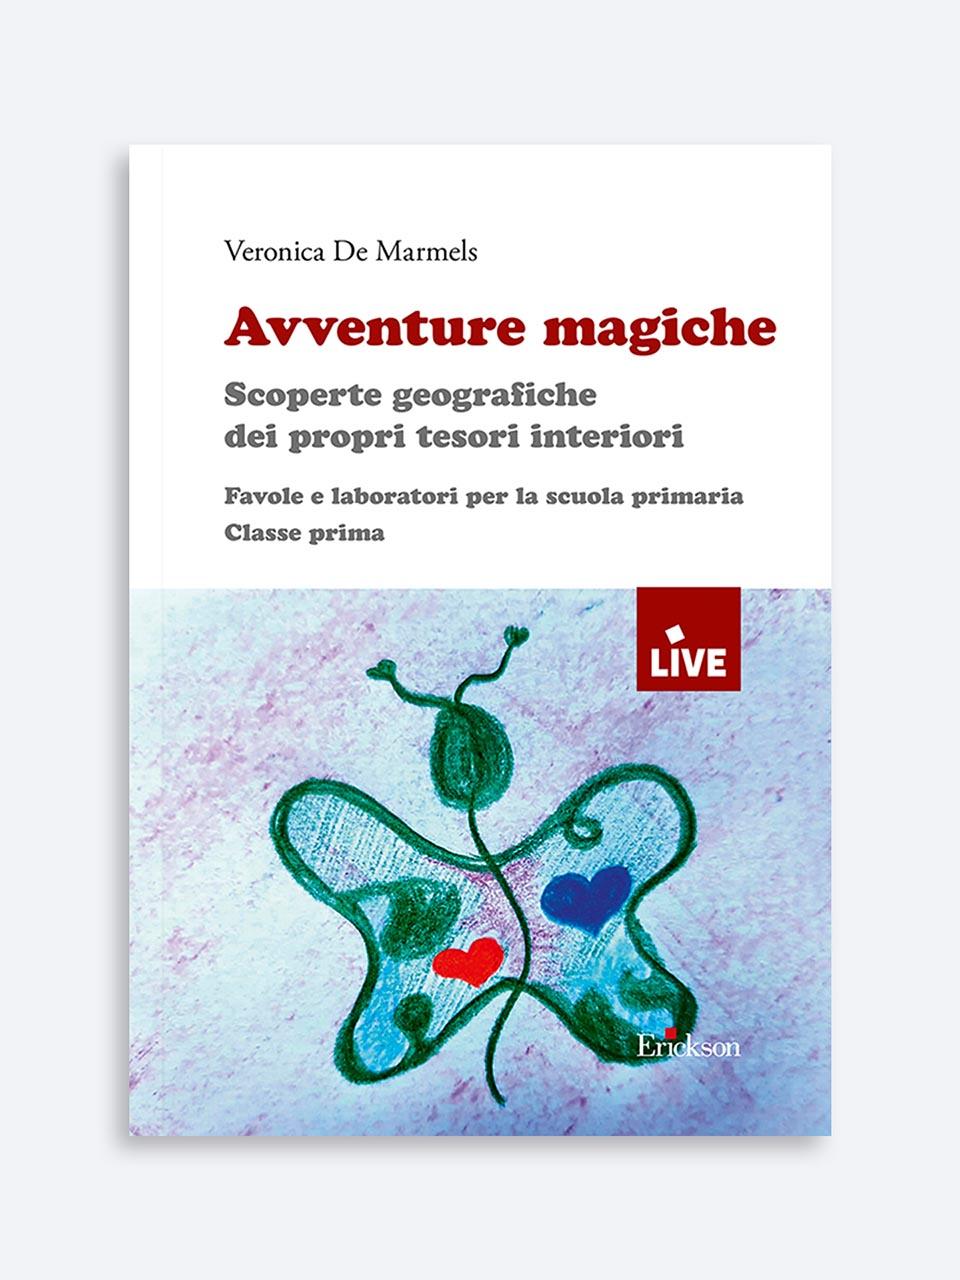 Avventure magiche